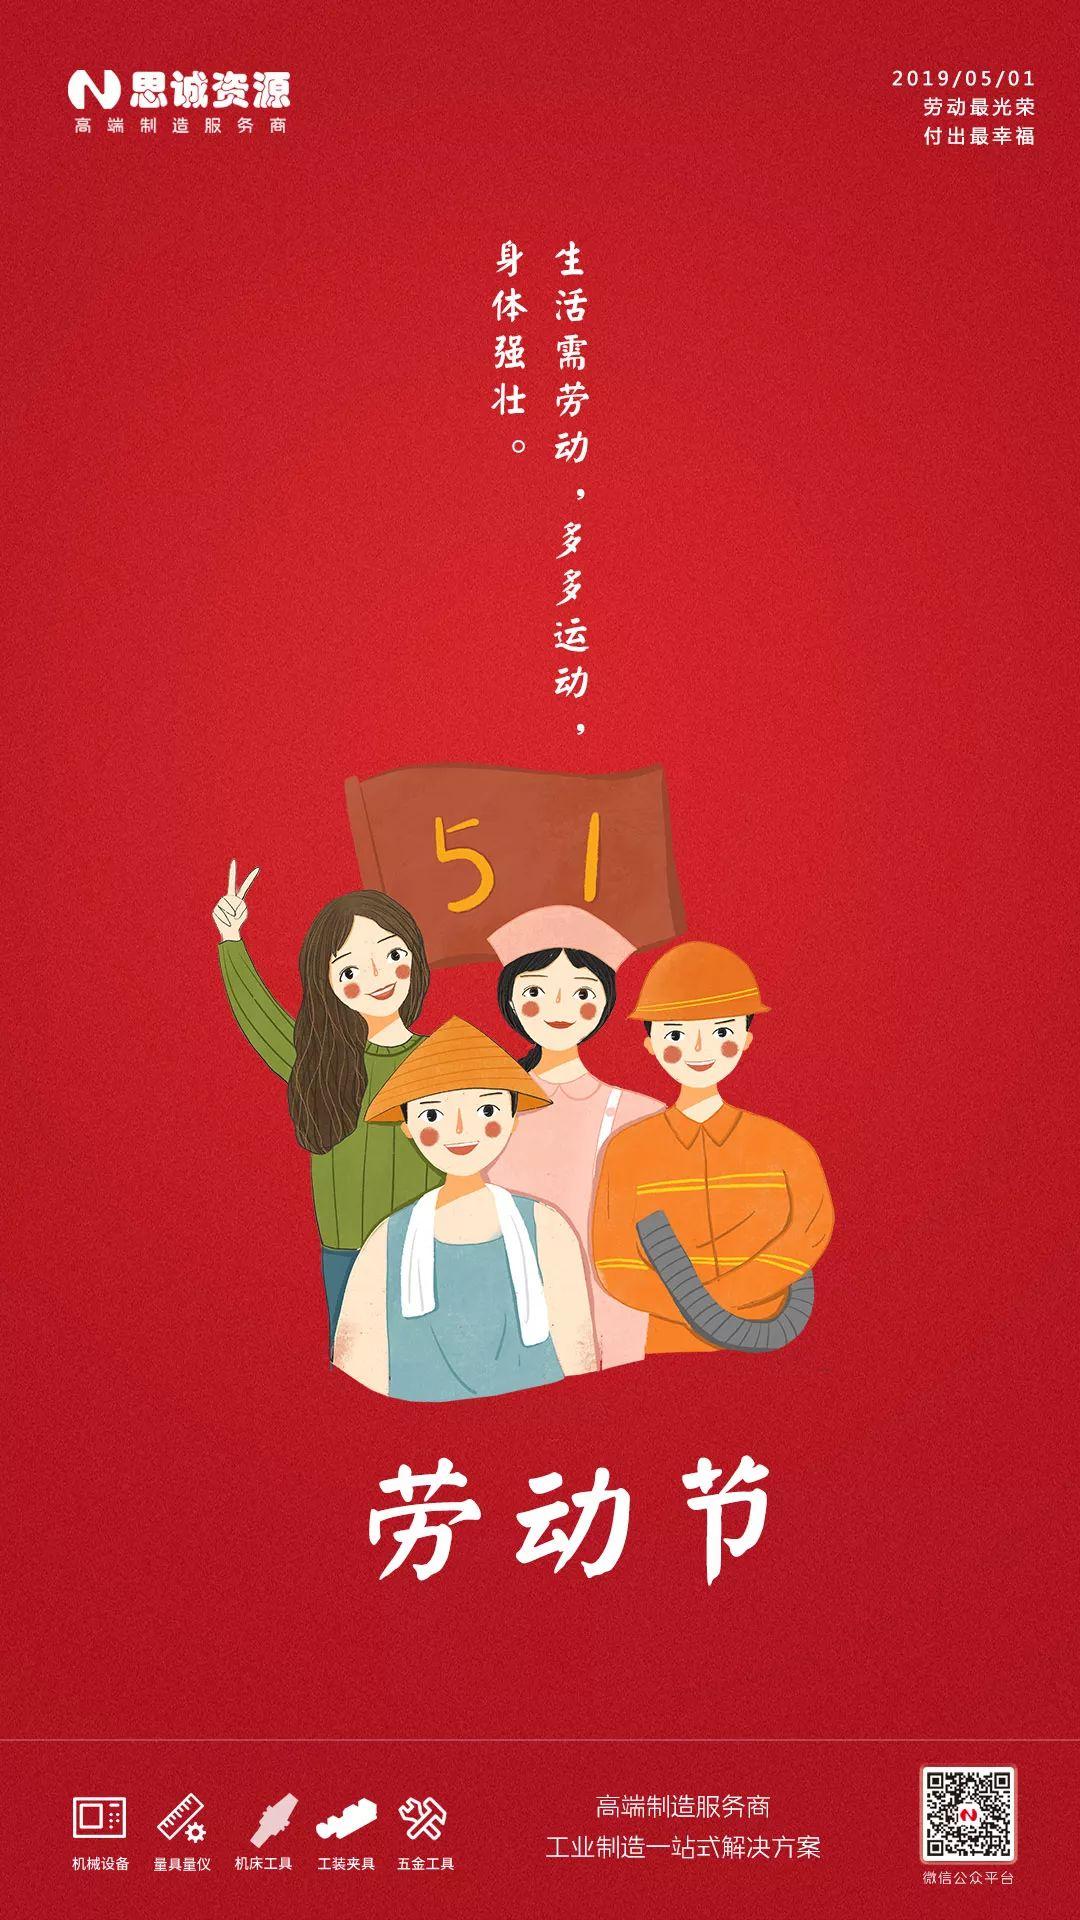 思诚资源2019年五一劳动节放假通知